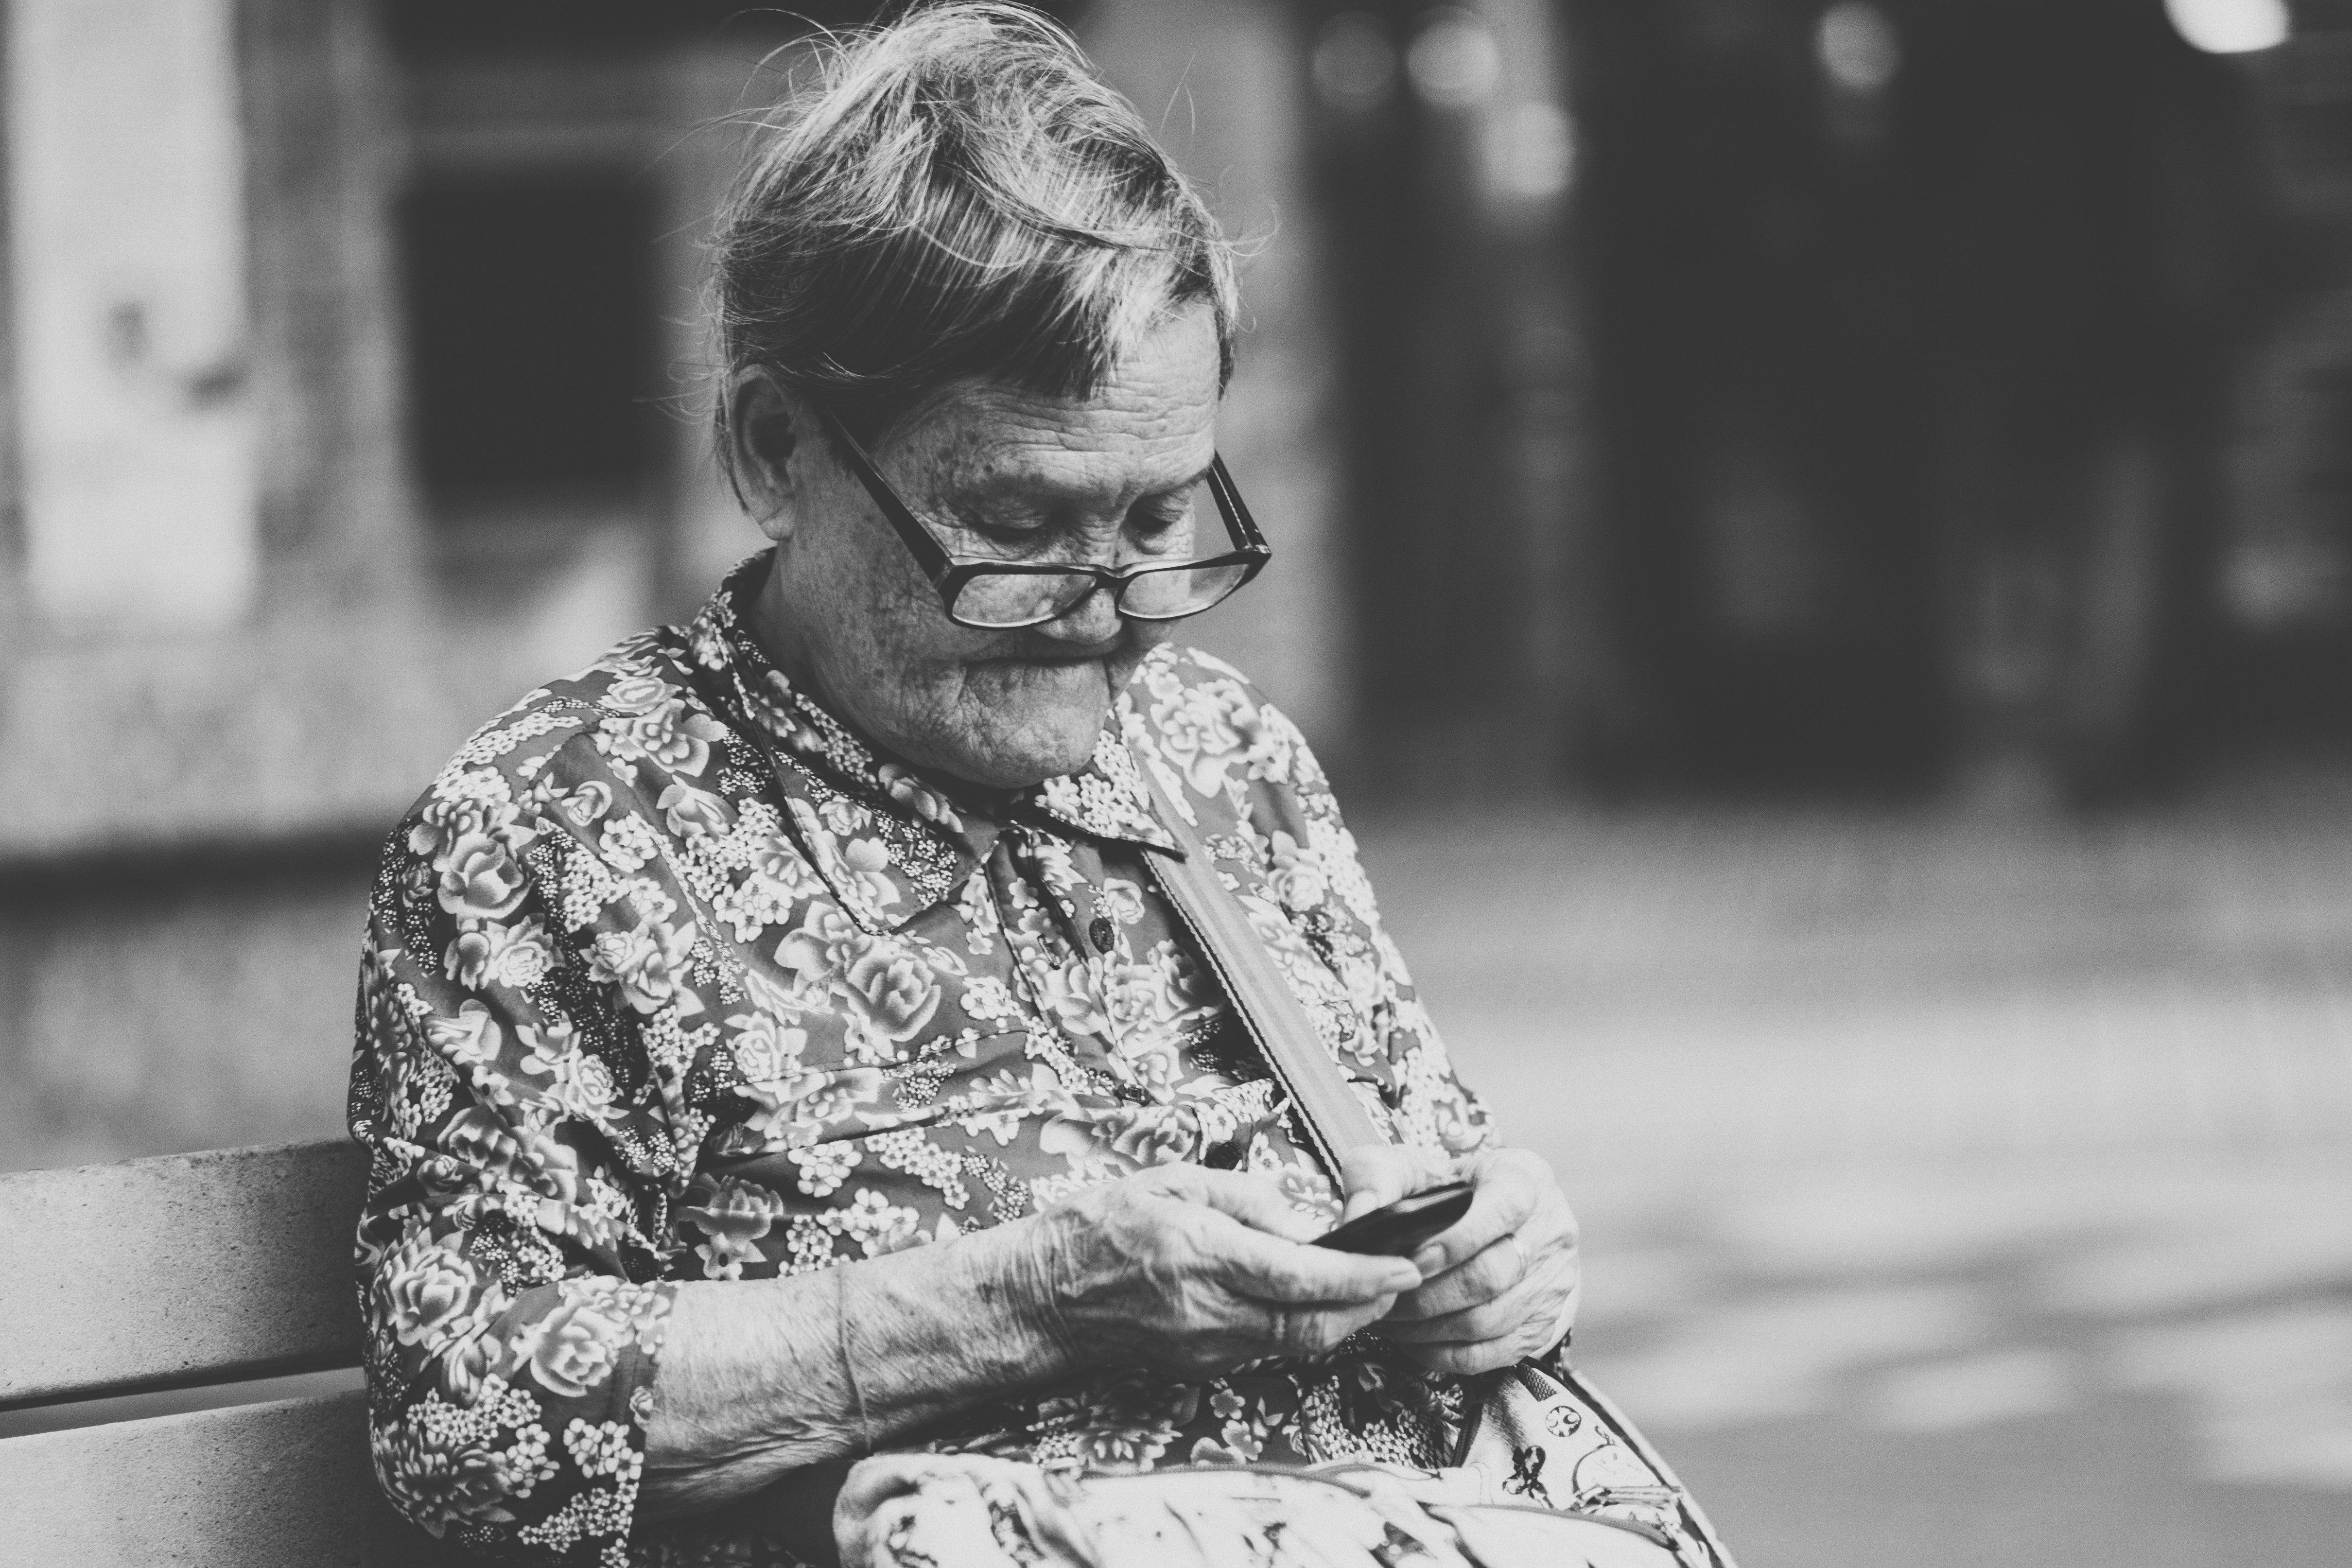 Une Grand-mère assise sur le banc qui utilise un téléphone  | Source : Unsplash